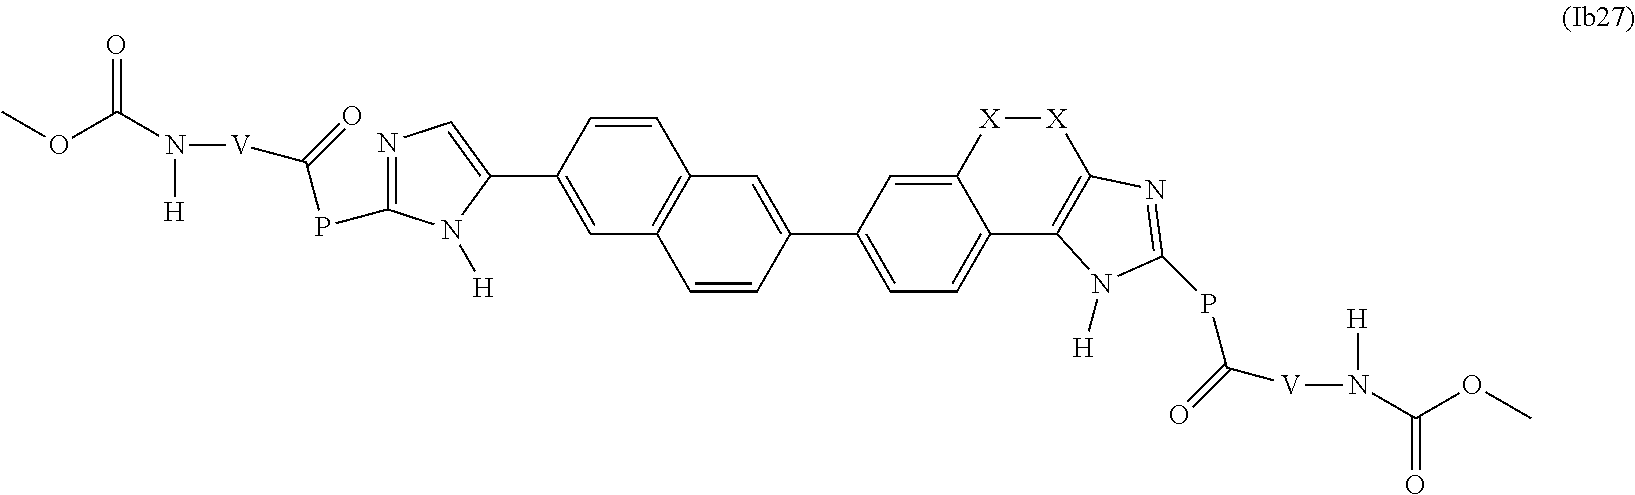 Figure US08822430-20140902-C00375